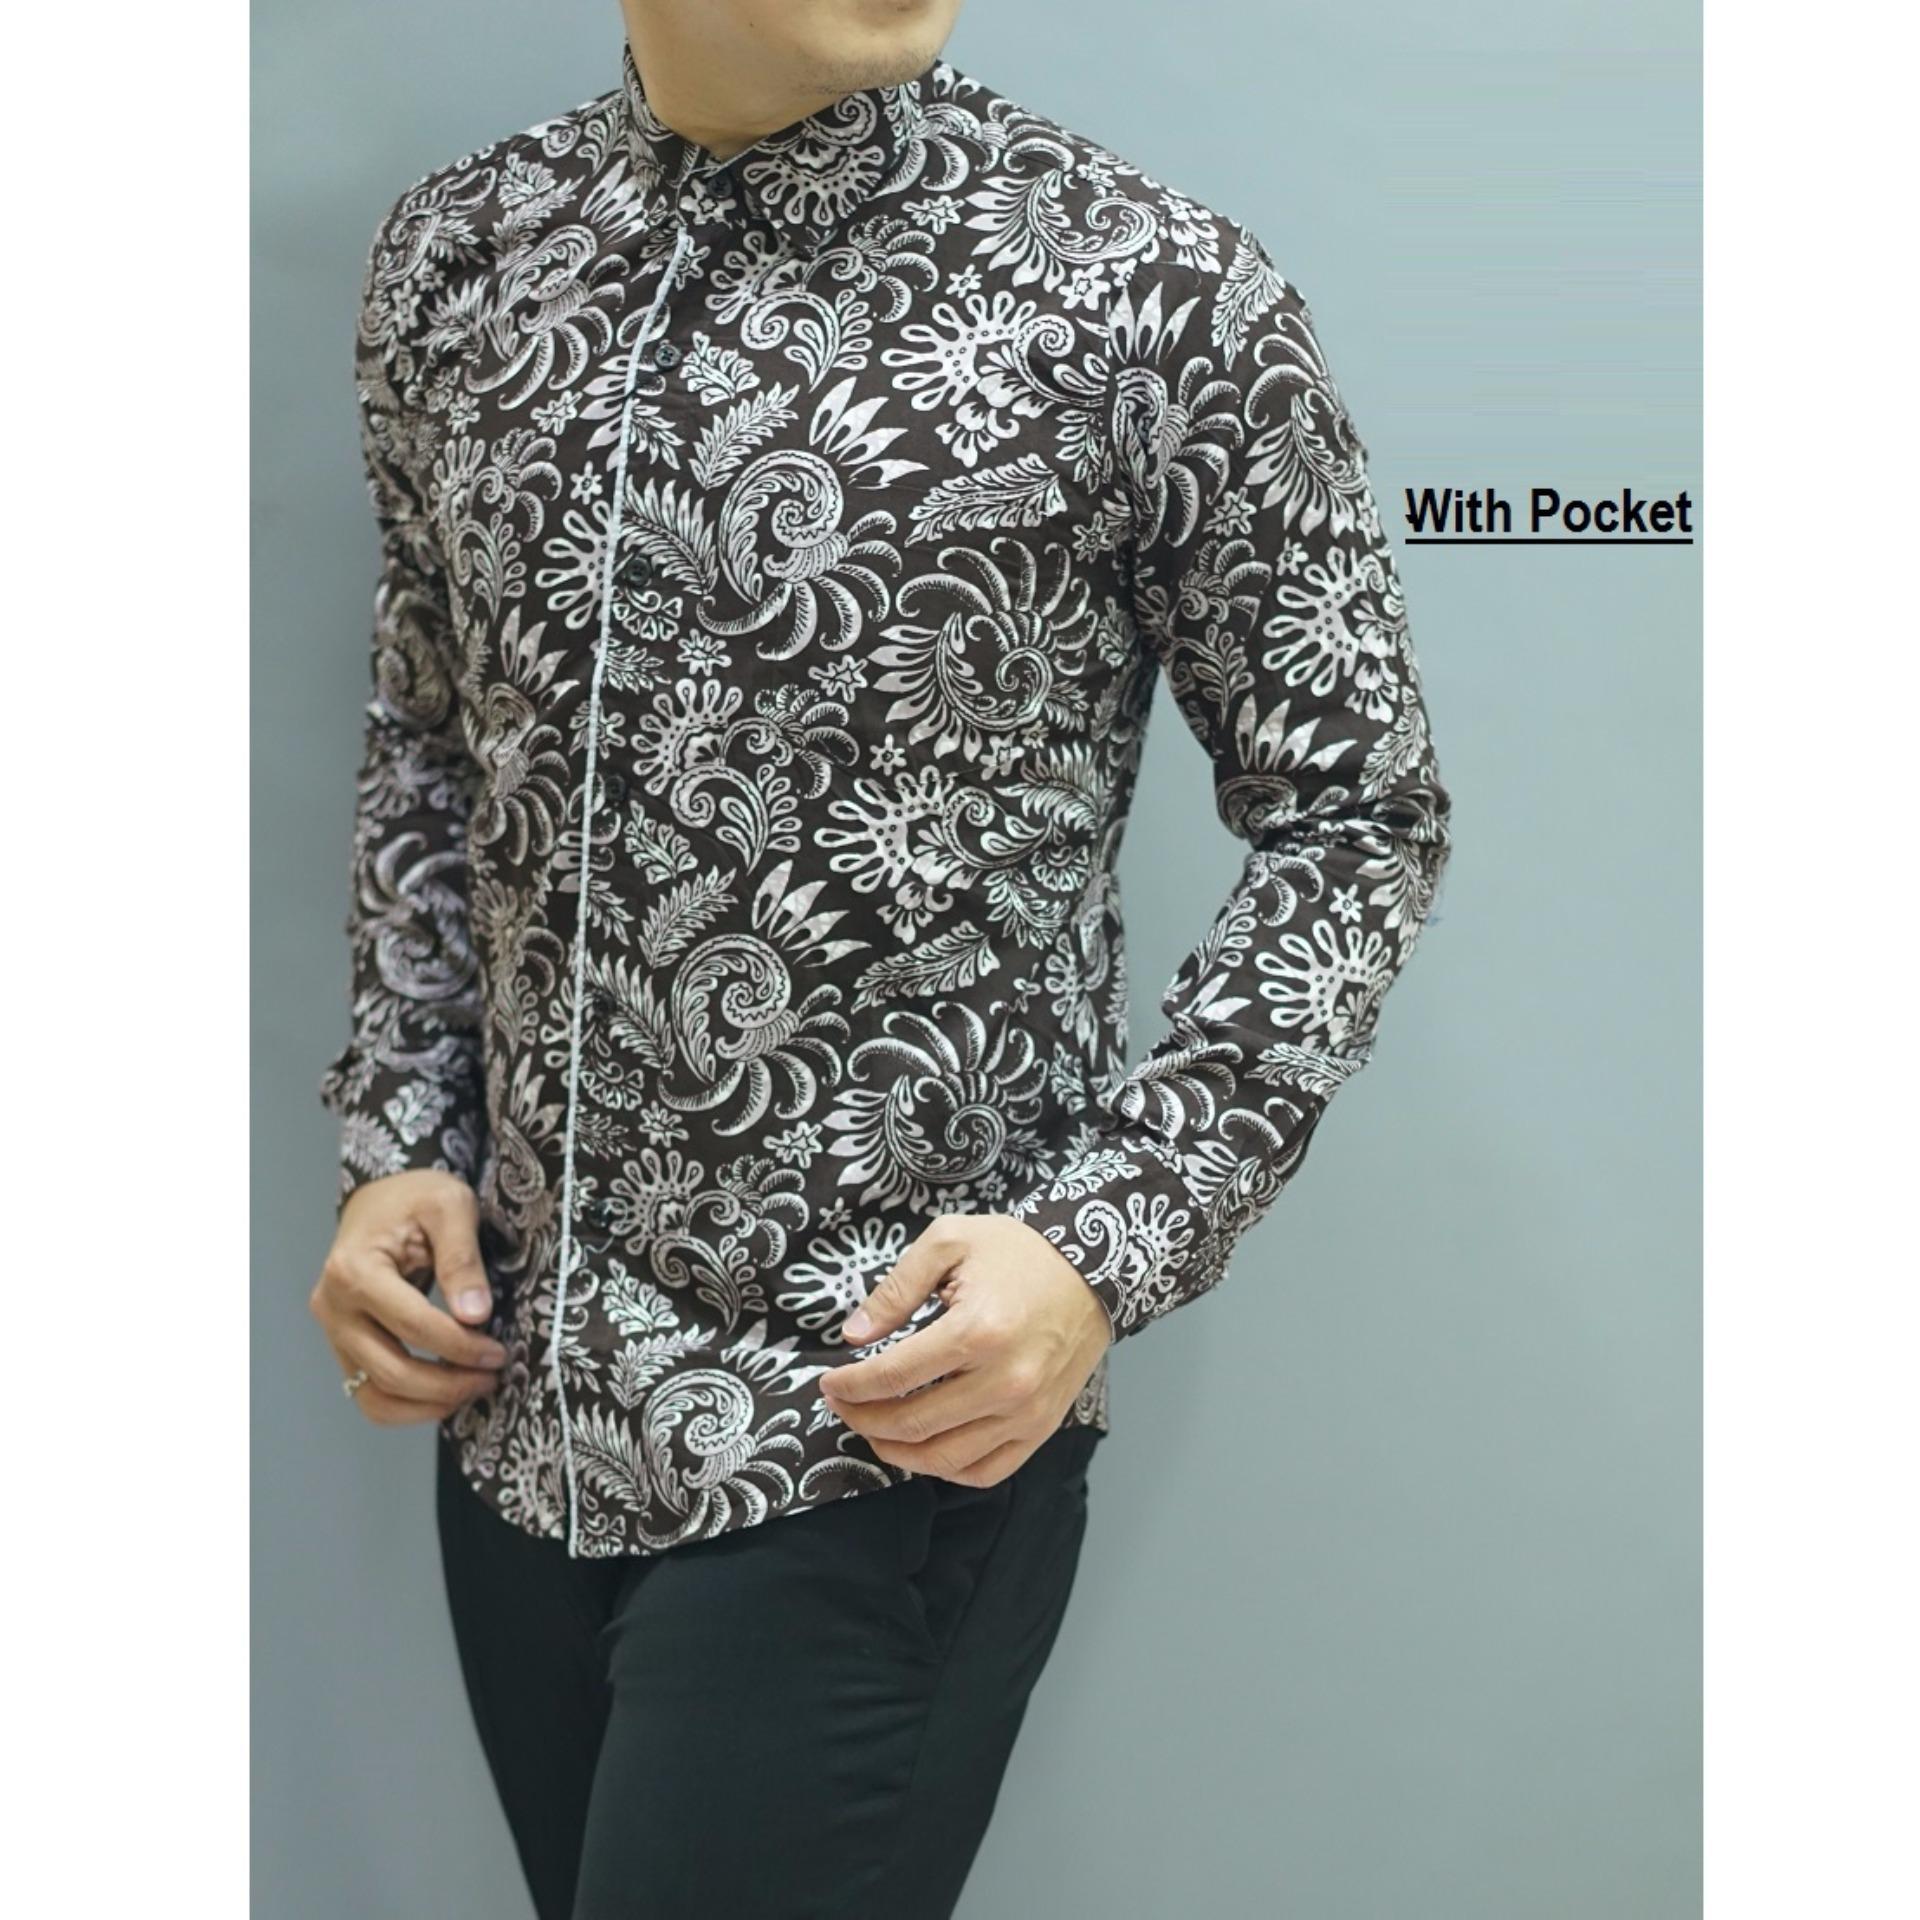 Jual Kemeja Batik Slimfit Pria H978c hitam Kombinasi Muslim Koko Source · Kemeja Batik Slimfit BWS015